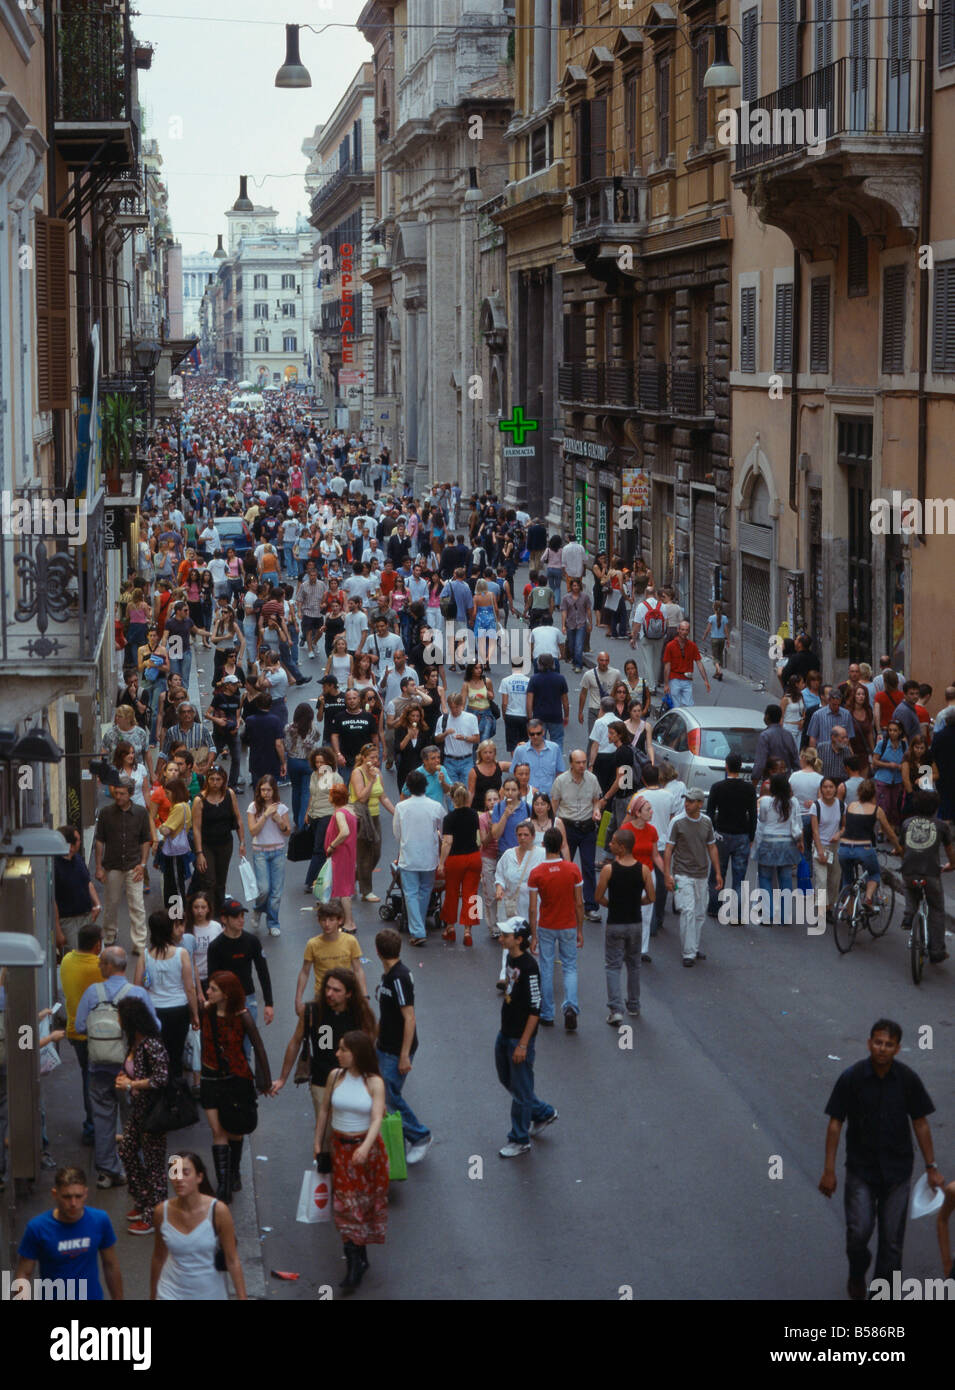 Via del corso rome lazio italy europe stock photo for Bershka roma via del corso